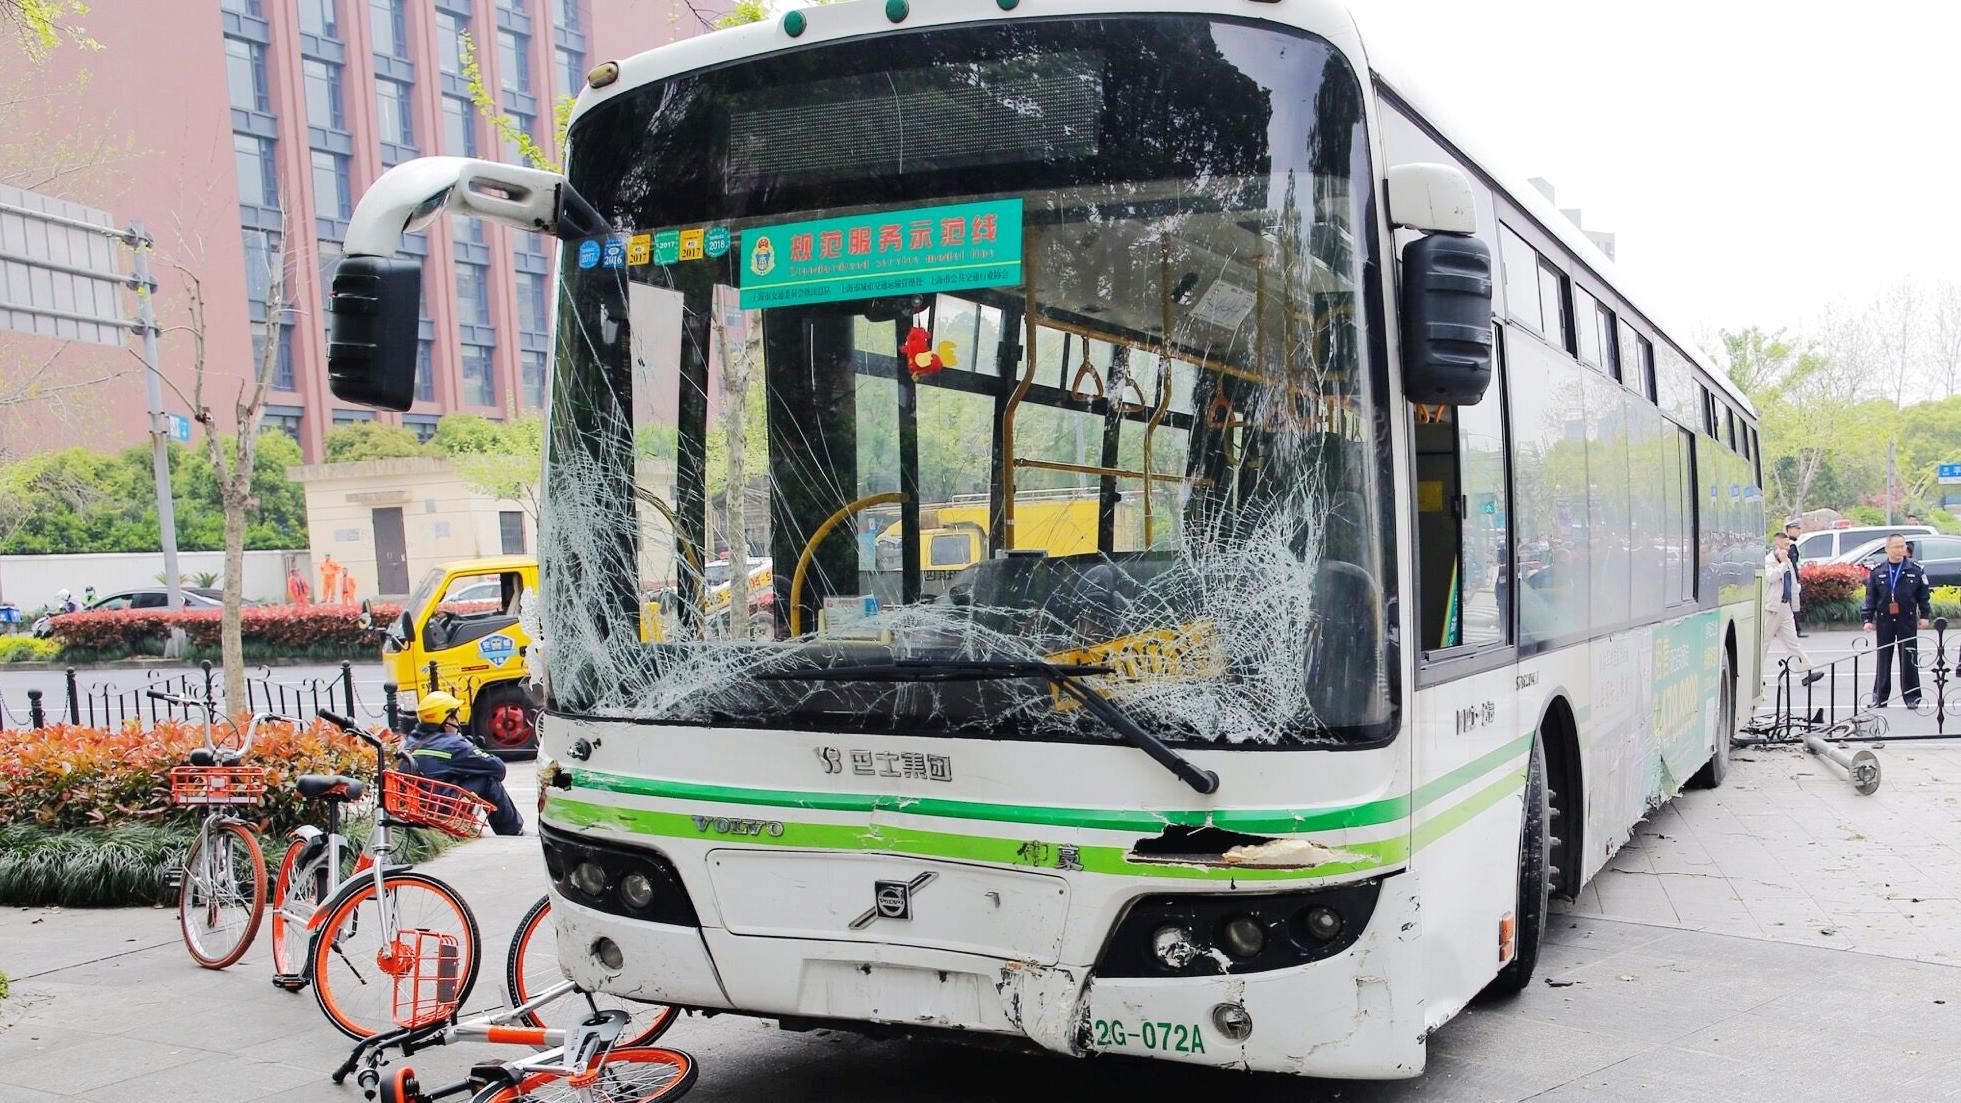 上海静安一66路公交车避让自行车冲上人行道 1人身亡